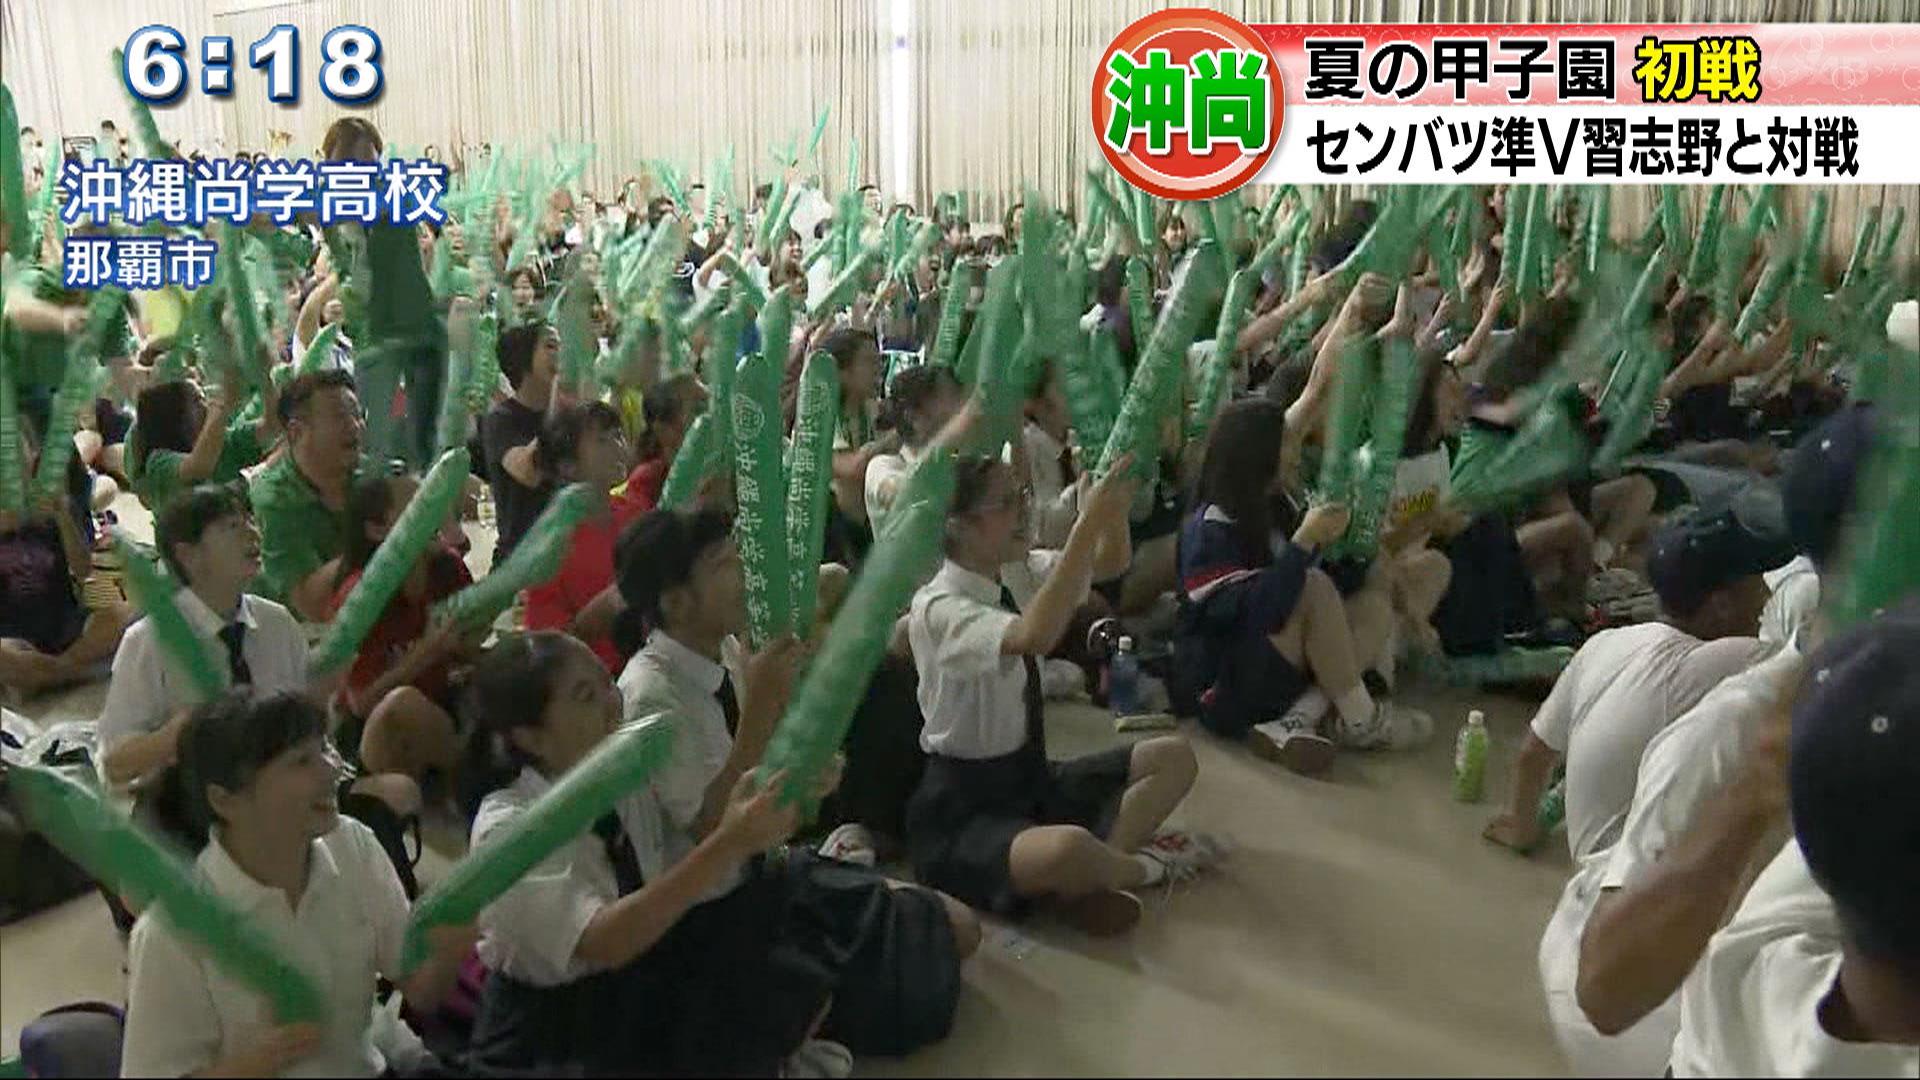 沖縄尚学 夏の甲子園初戦!